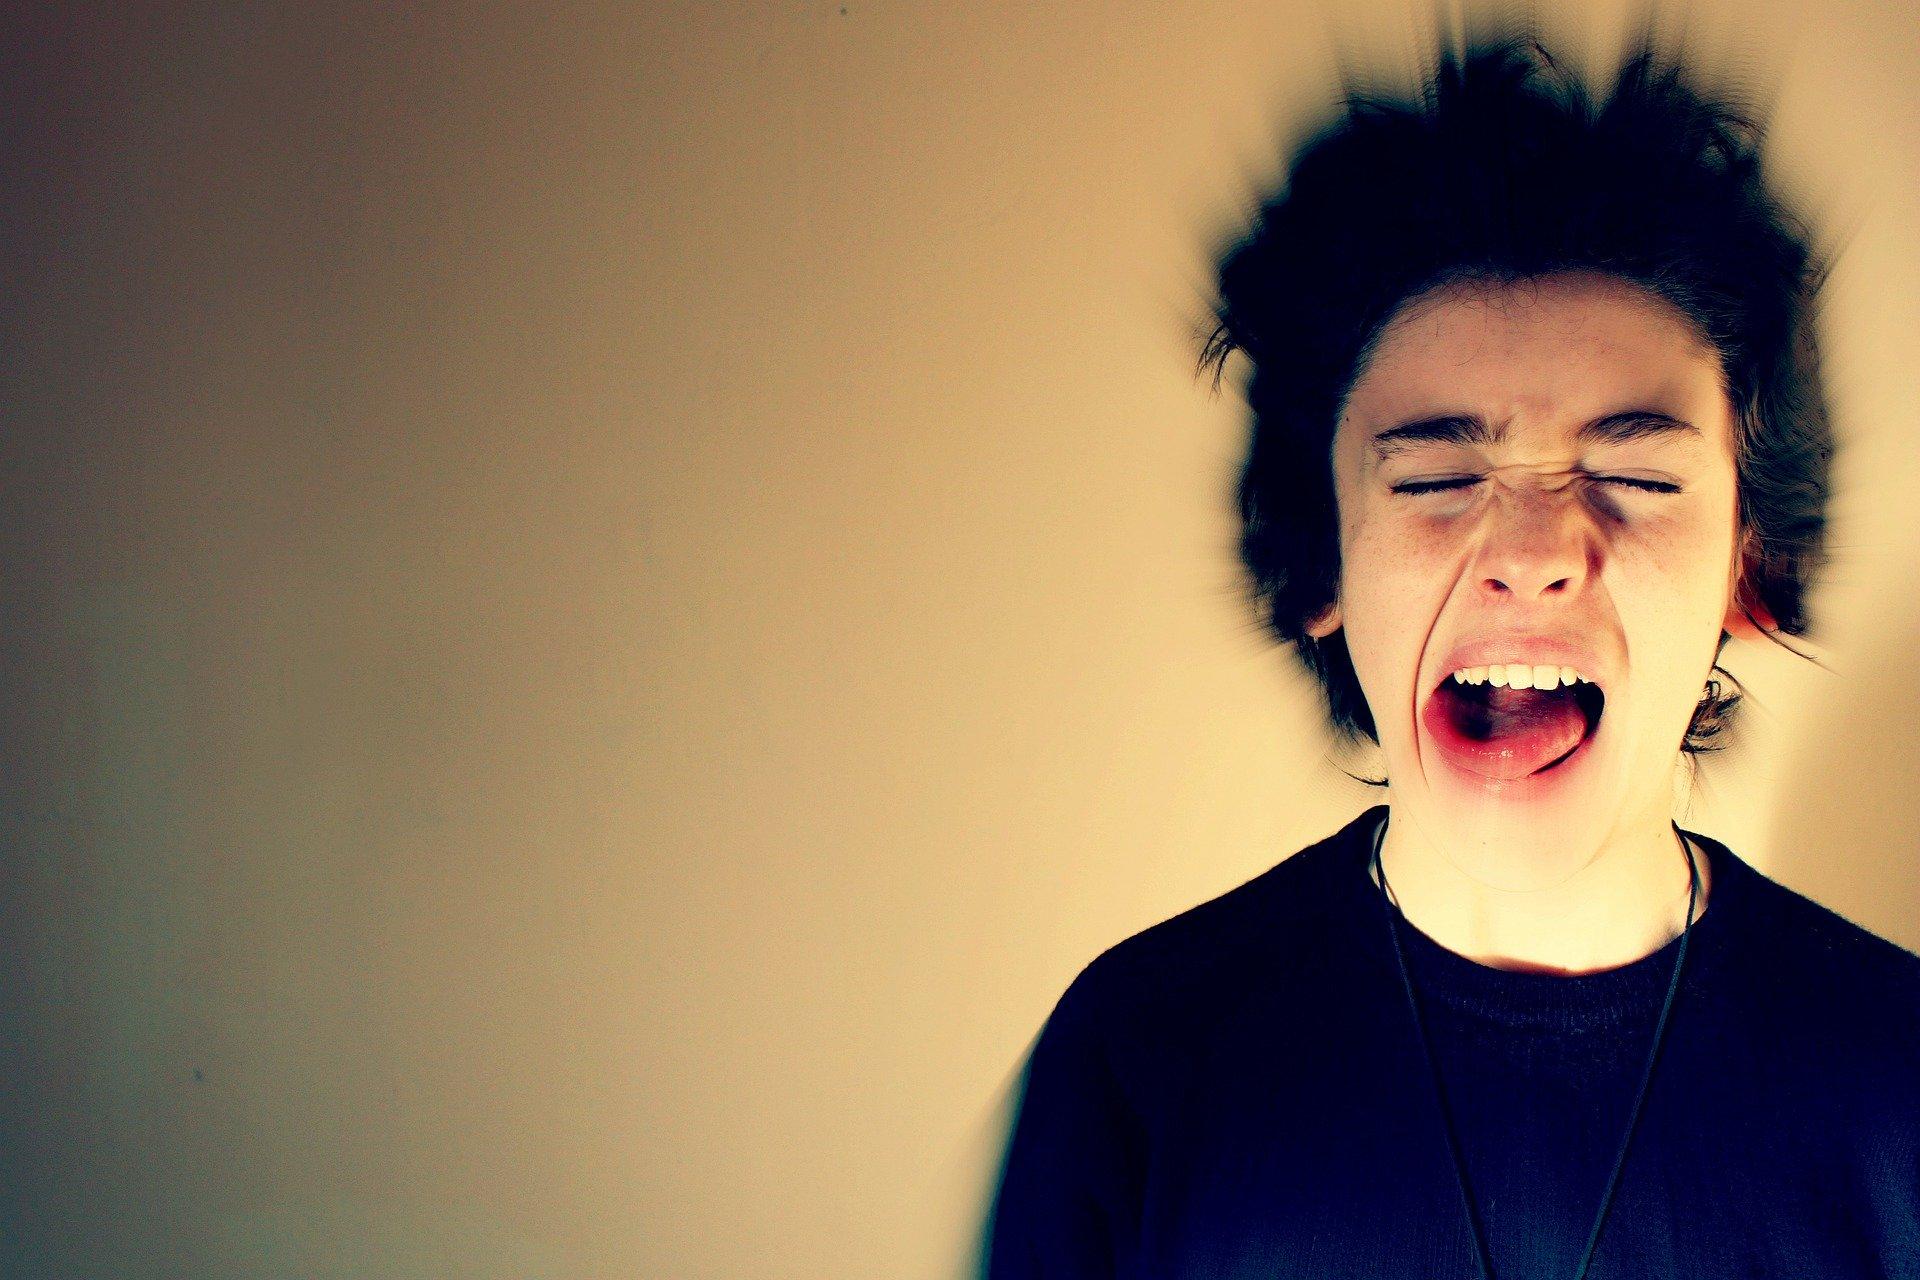 Vorsicht Stress - Symptome, Anzeichen und Ursachen